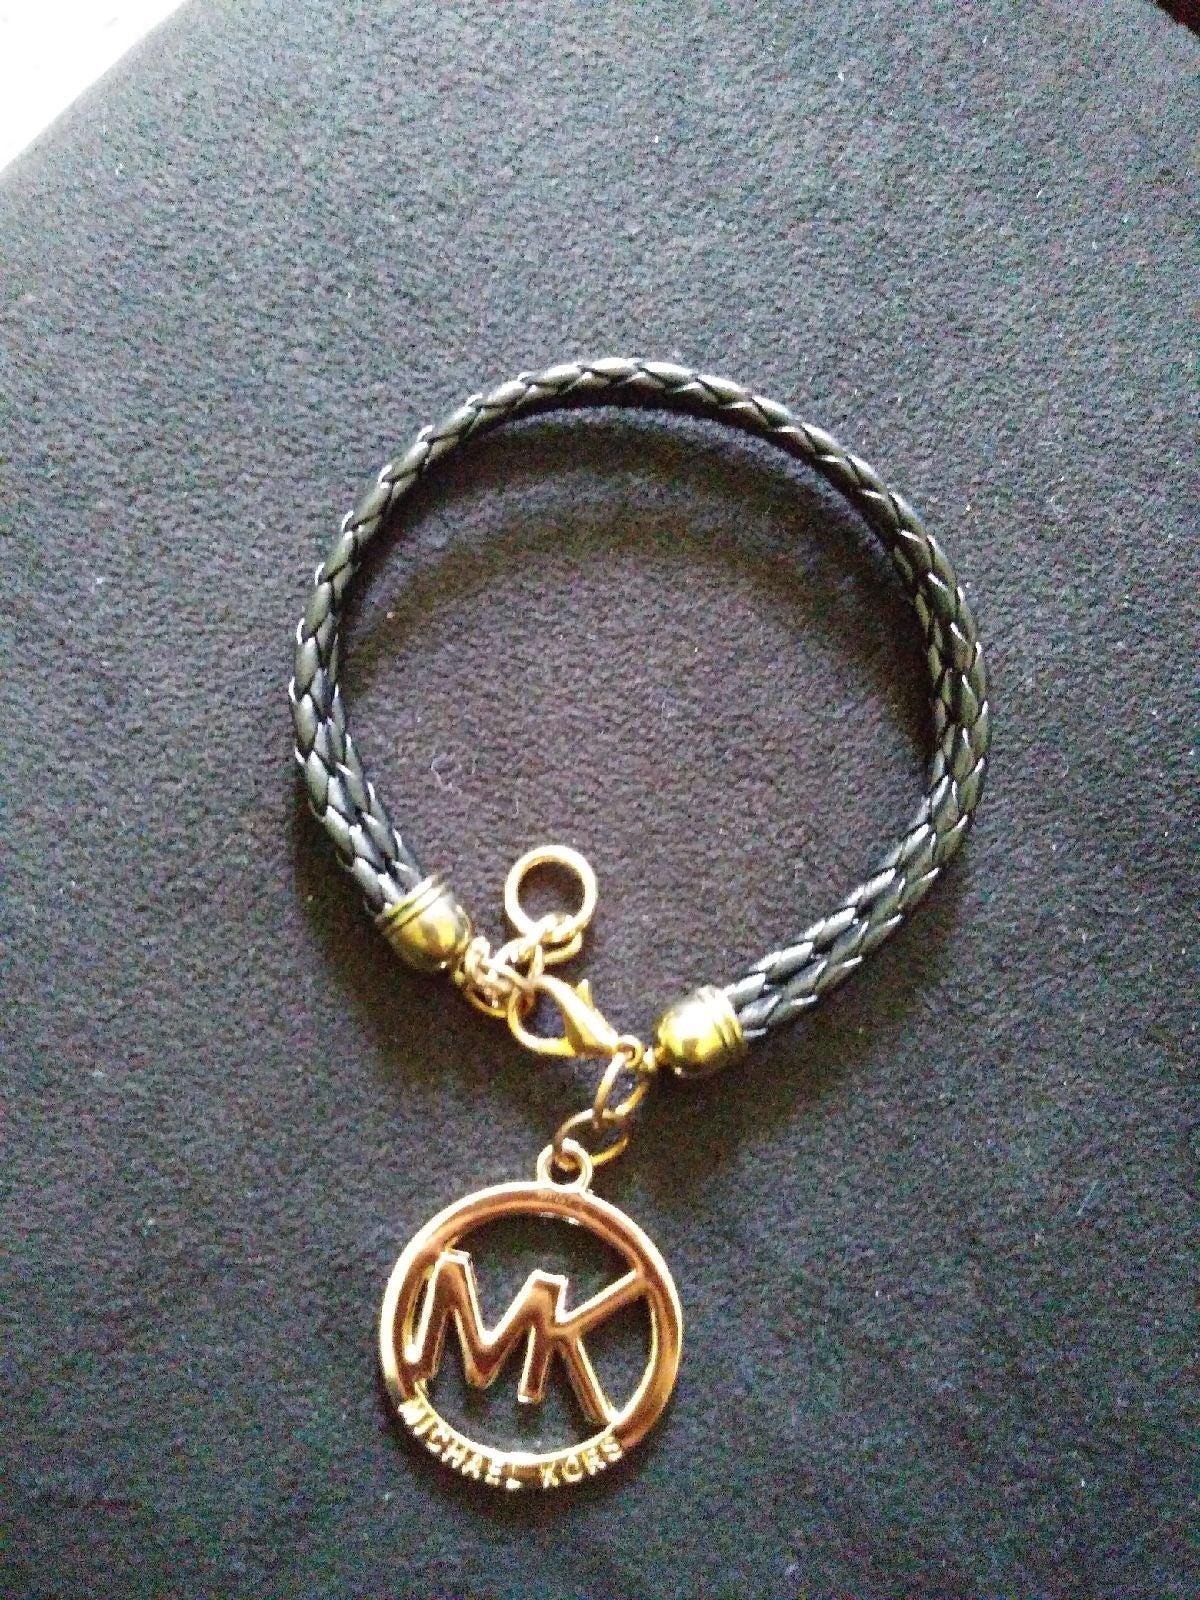 Michael Kors Rope Bracelet